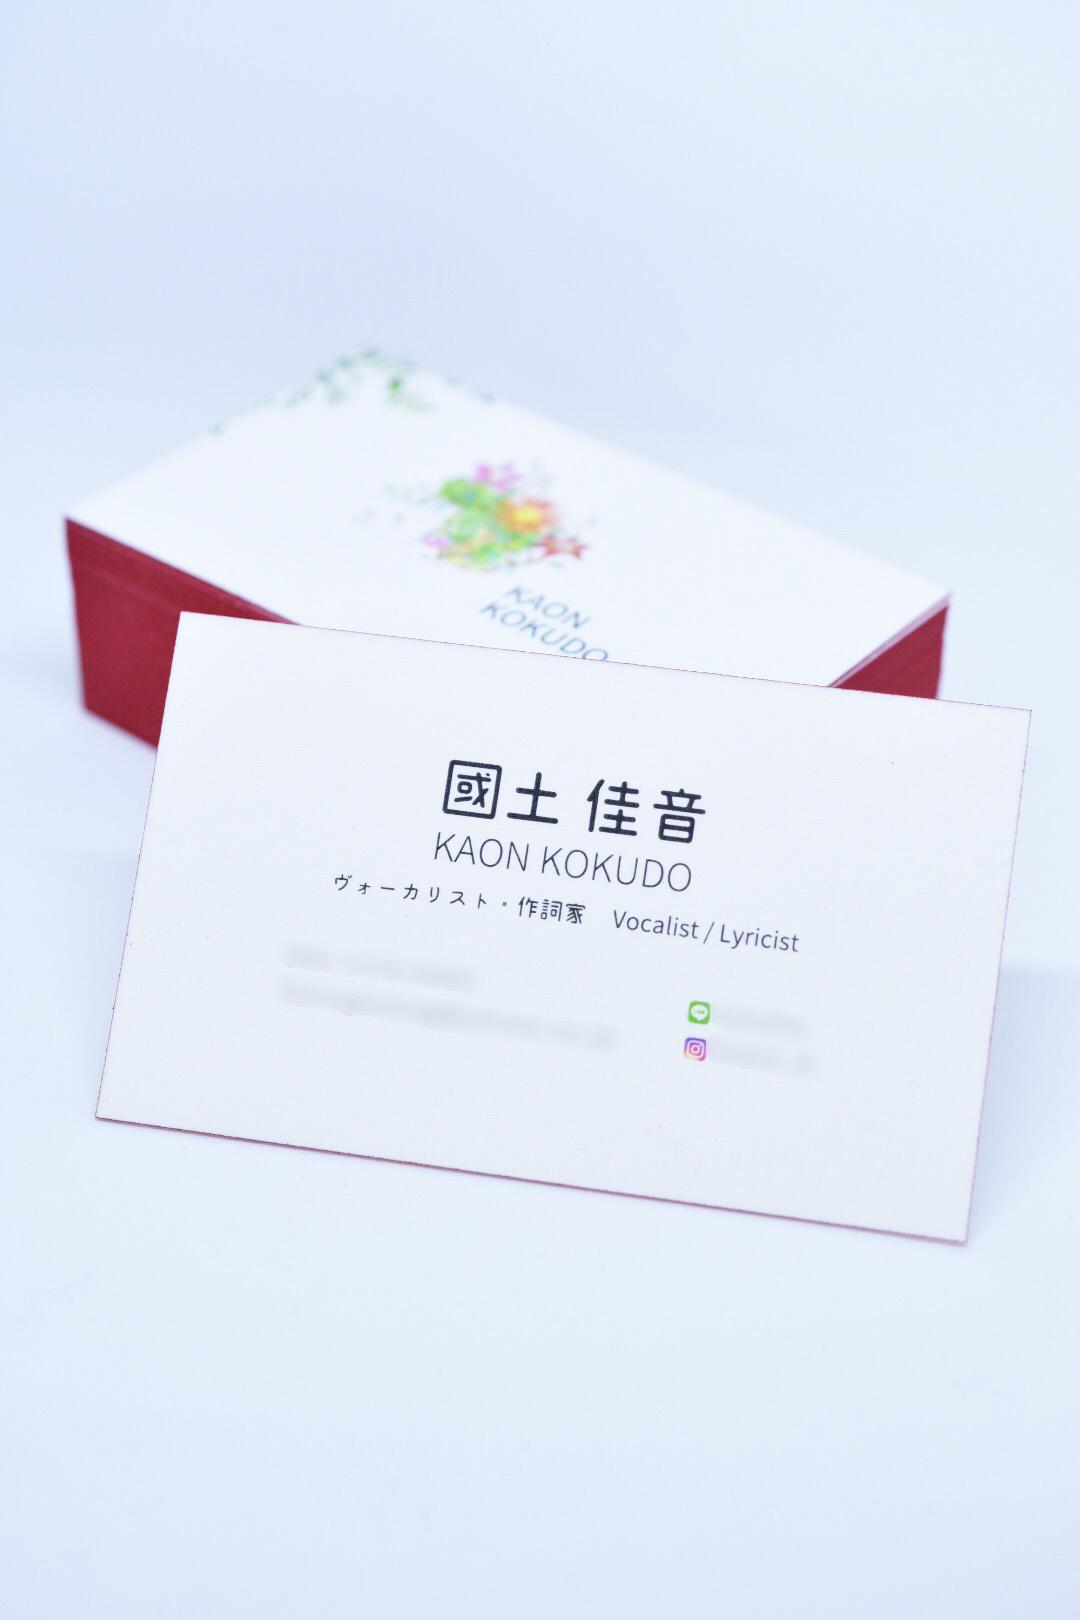 ヴォーカリスト・作詞家 國土様名刺デザイン